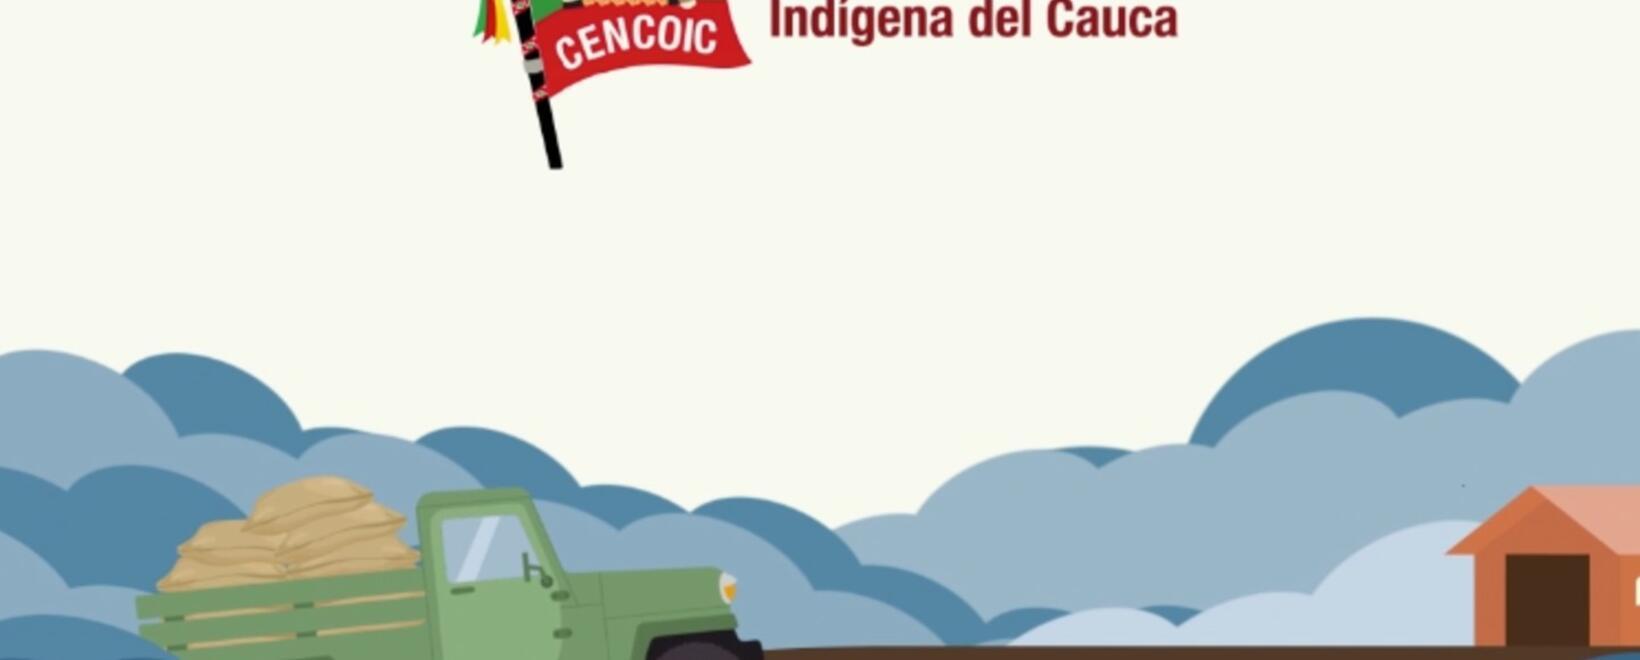 Conozca cómo son los procesos indígenas del Cauca.